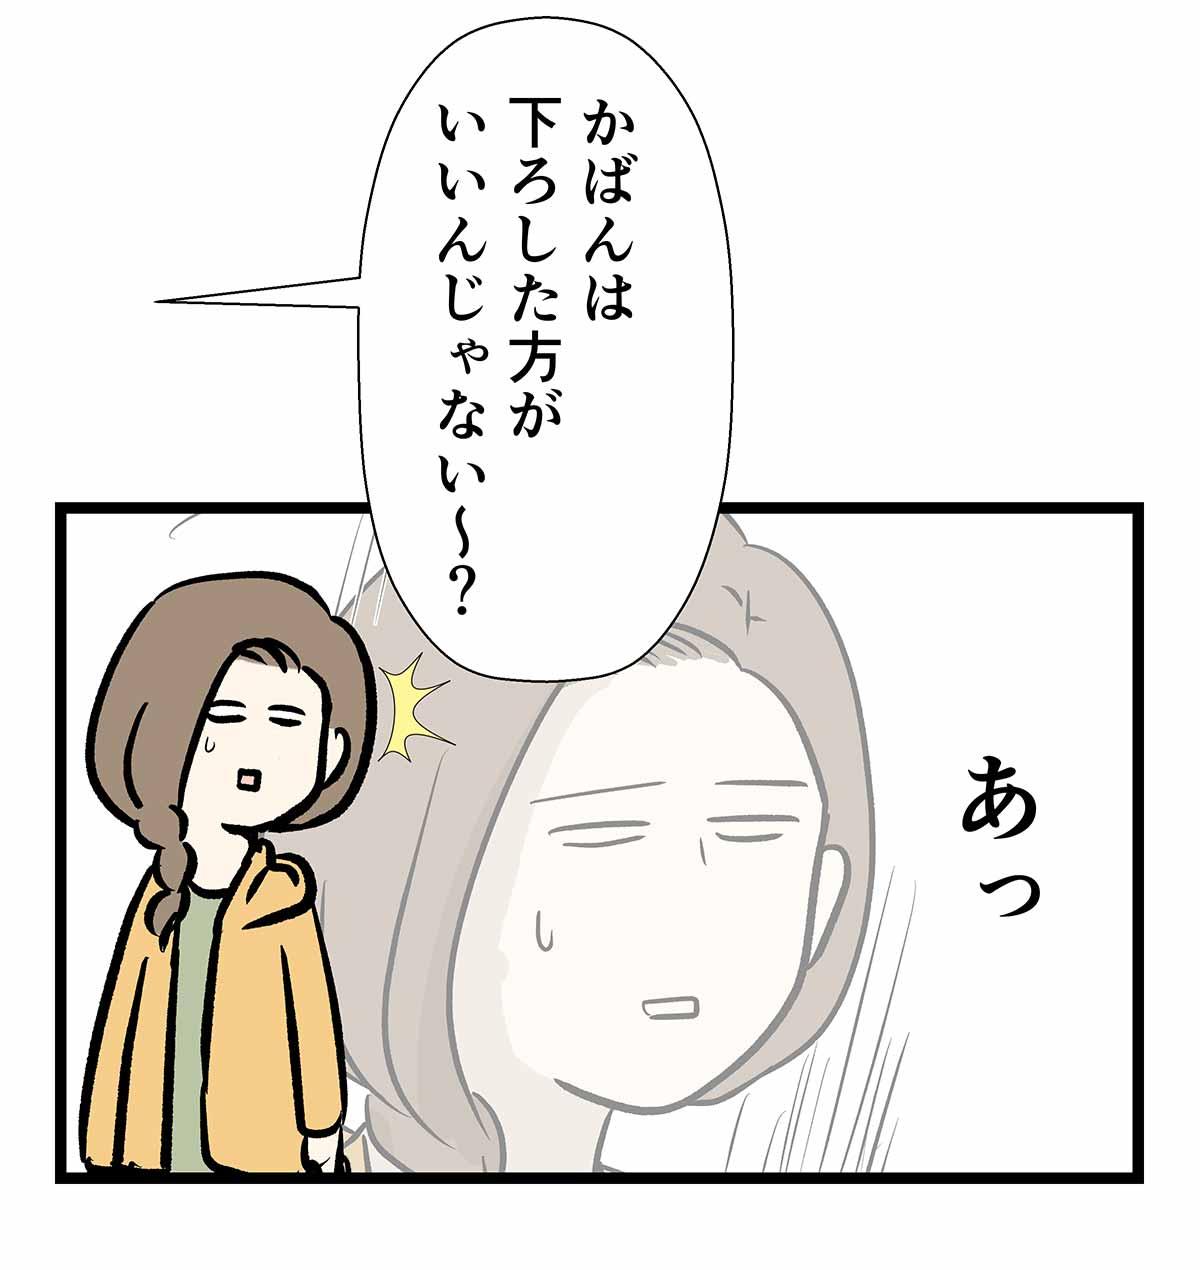 『母さんがどんなに僕を嫌いでも』の試写会へ行った時の話 (2)